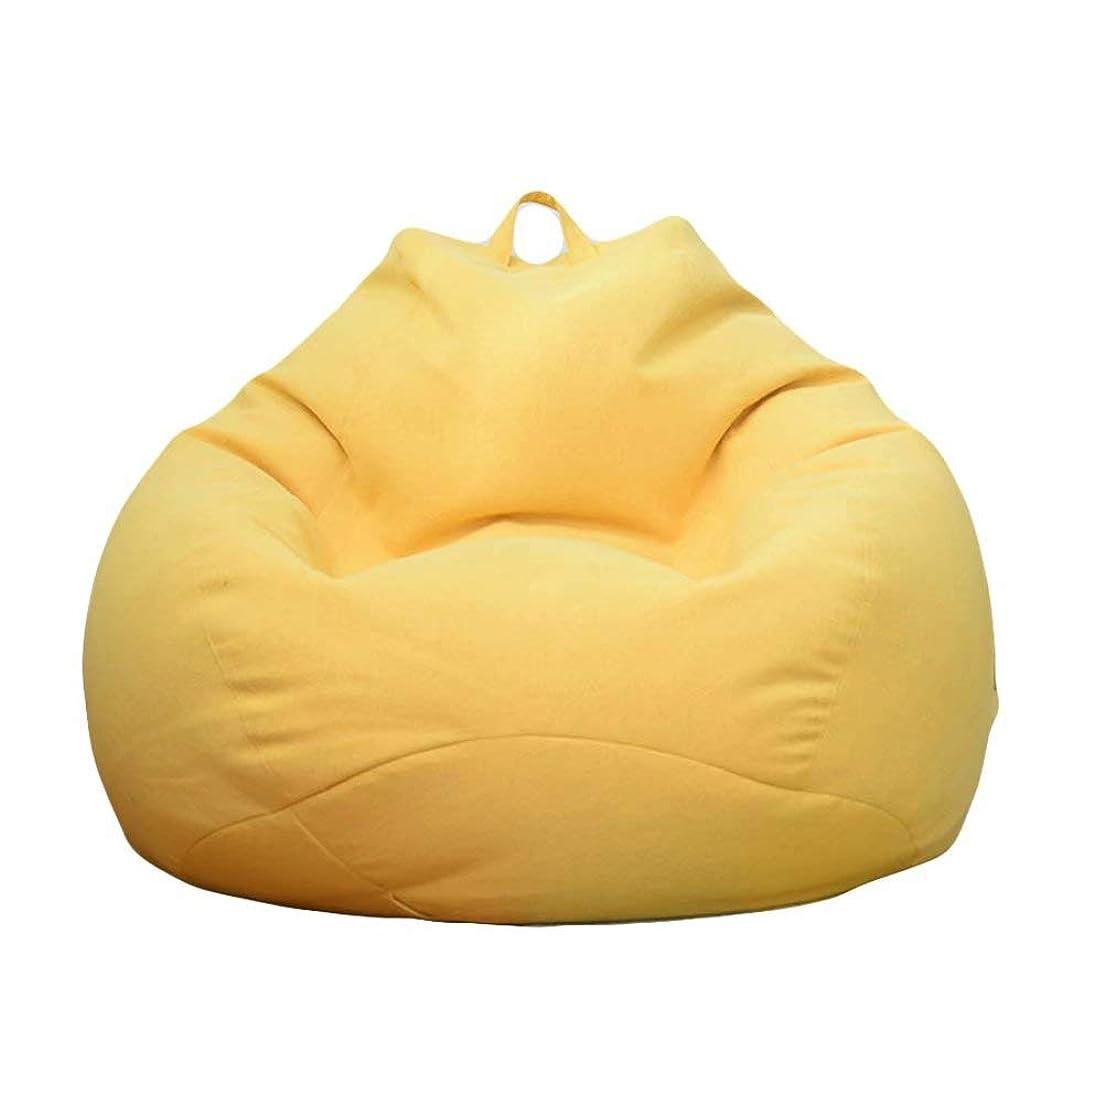 気質寛大さ防止ビーズクッション 座布団 ソファー 豆袋 人をダメにするソファ なまけ者ソファー 100*120cm 伸縮 軽量 腰痛 低反発 着替え袋付き 取り外し可能